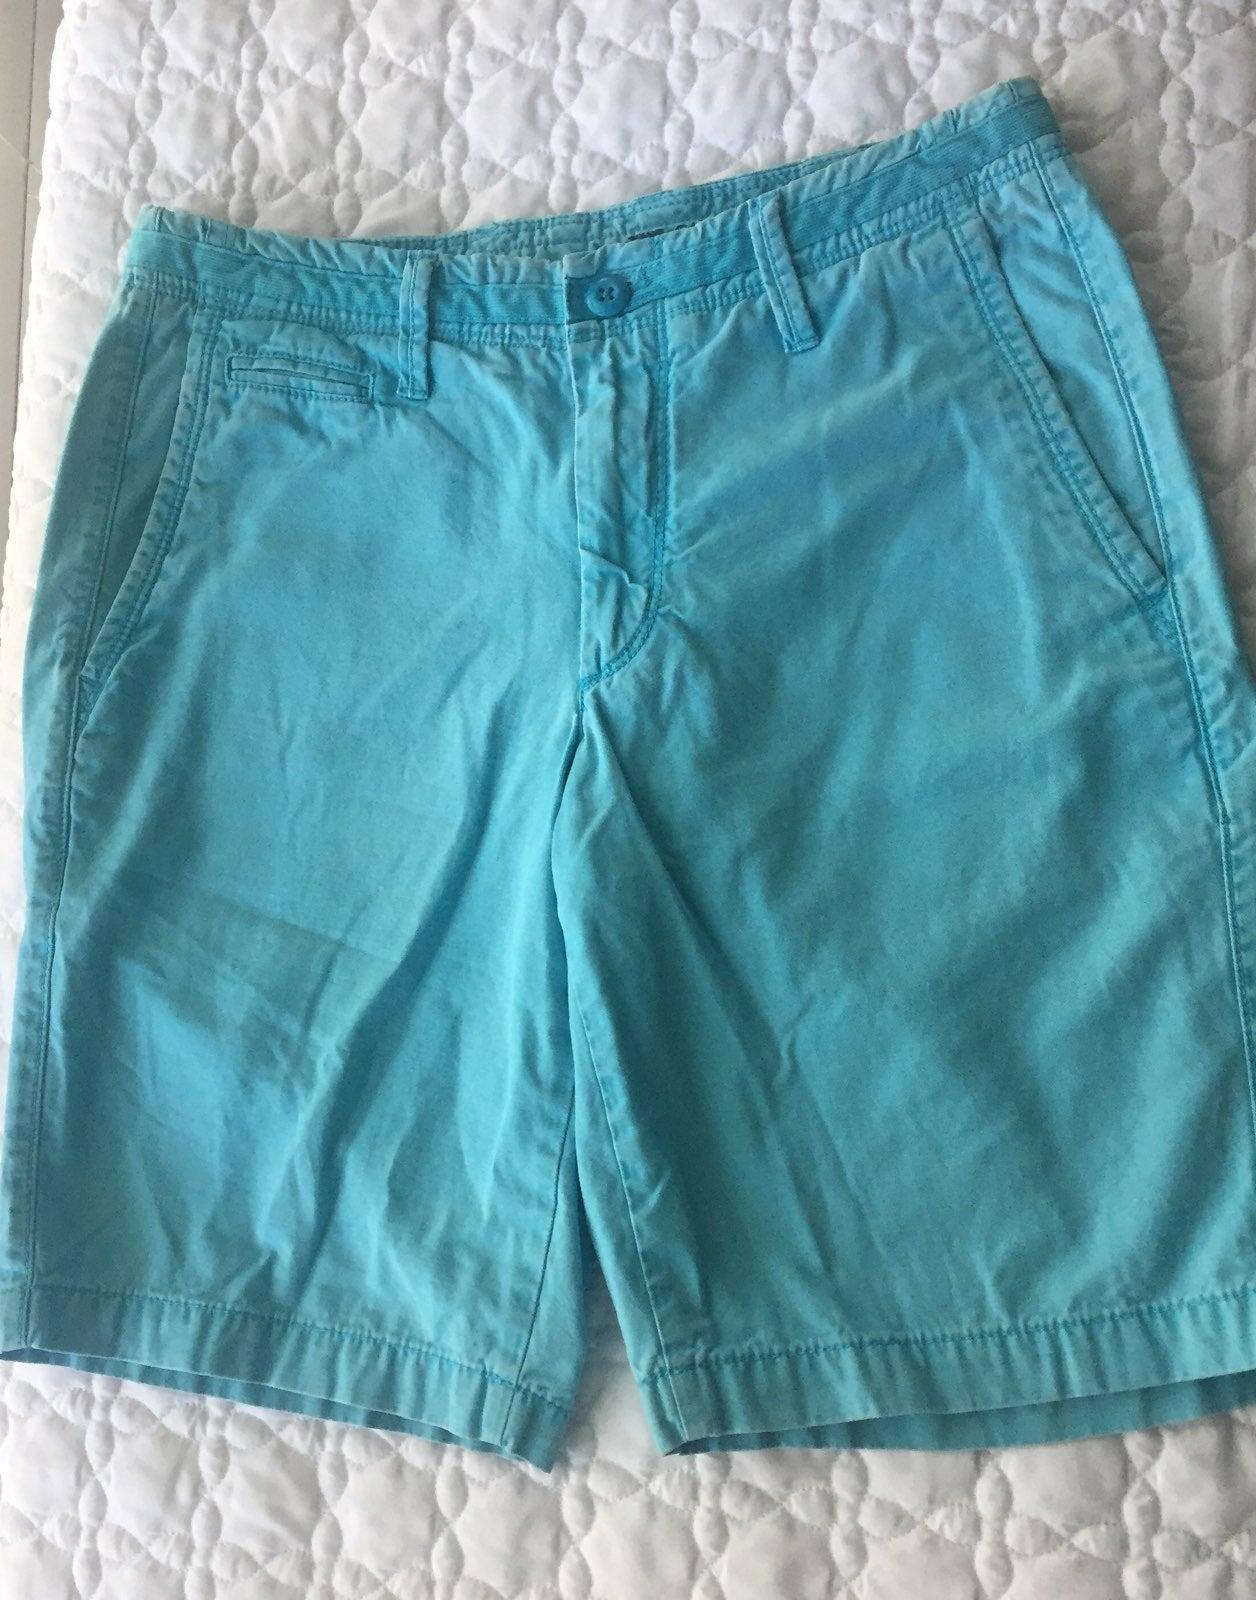 GAP mens shorts turquoise size 29